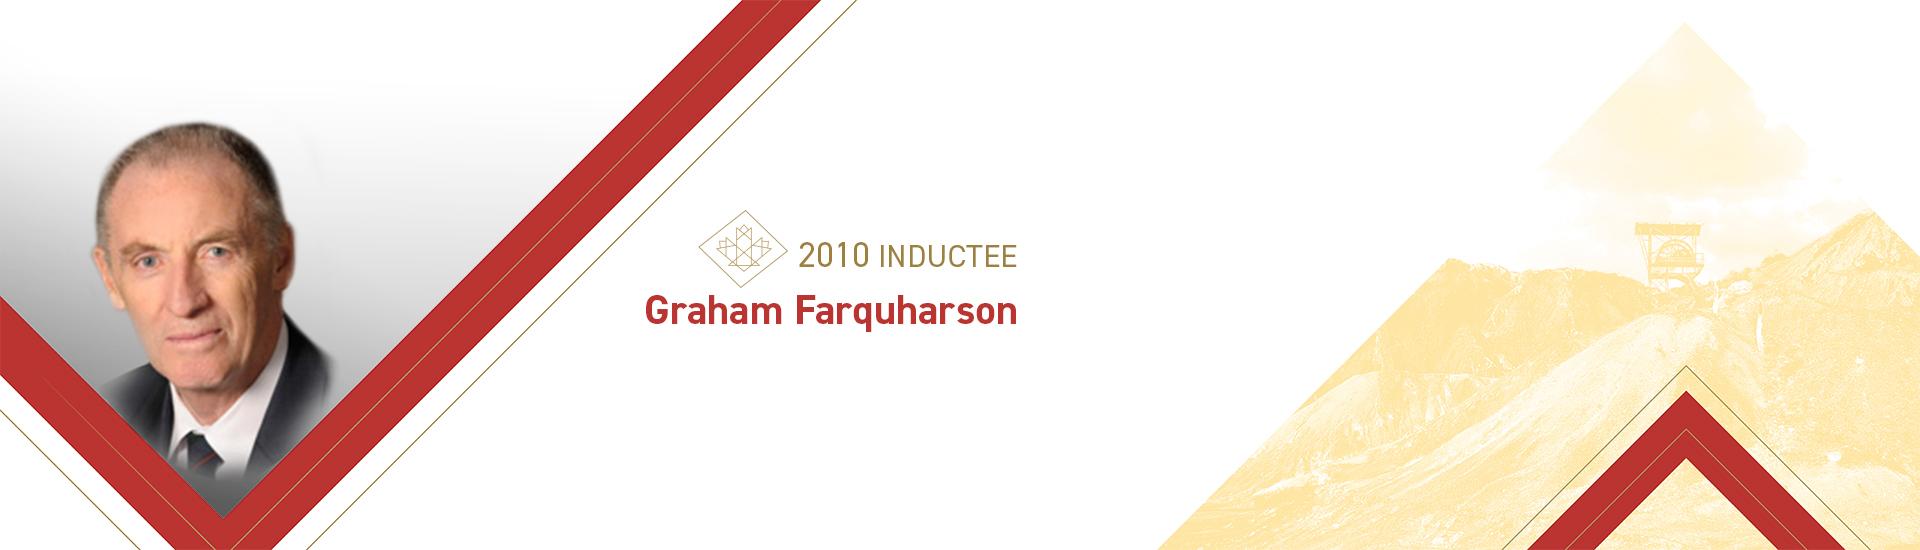 Graham Farquharson (b. 1940)